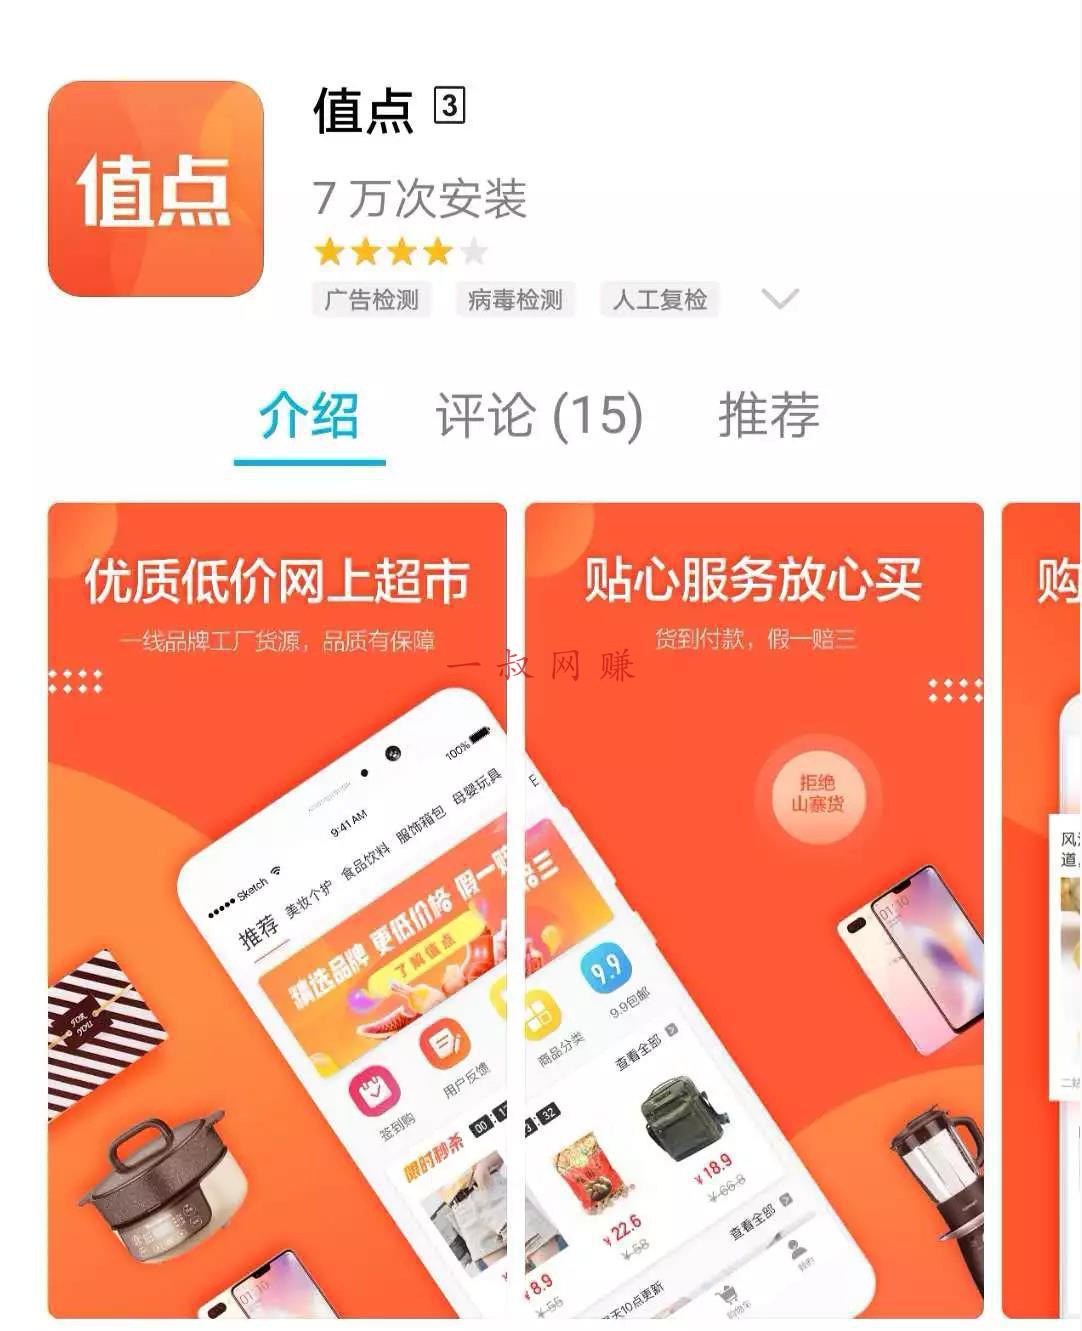 操作今日头条上线的新款电商 app,抓住电商流量趋势!_ 卖什么比较赚钱,导师兼职赚钱插图2